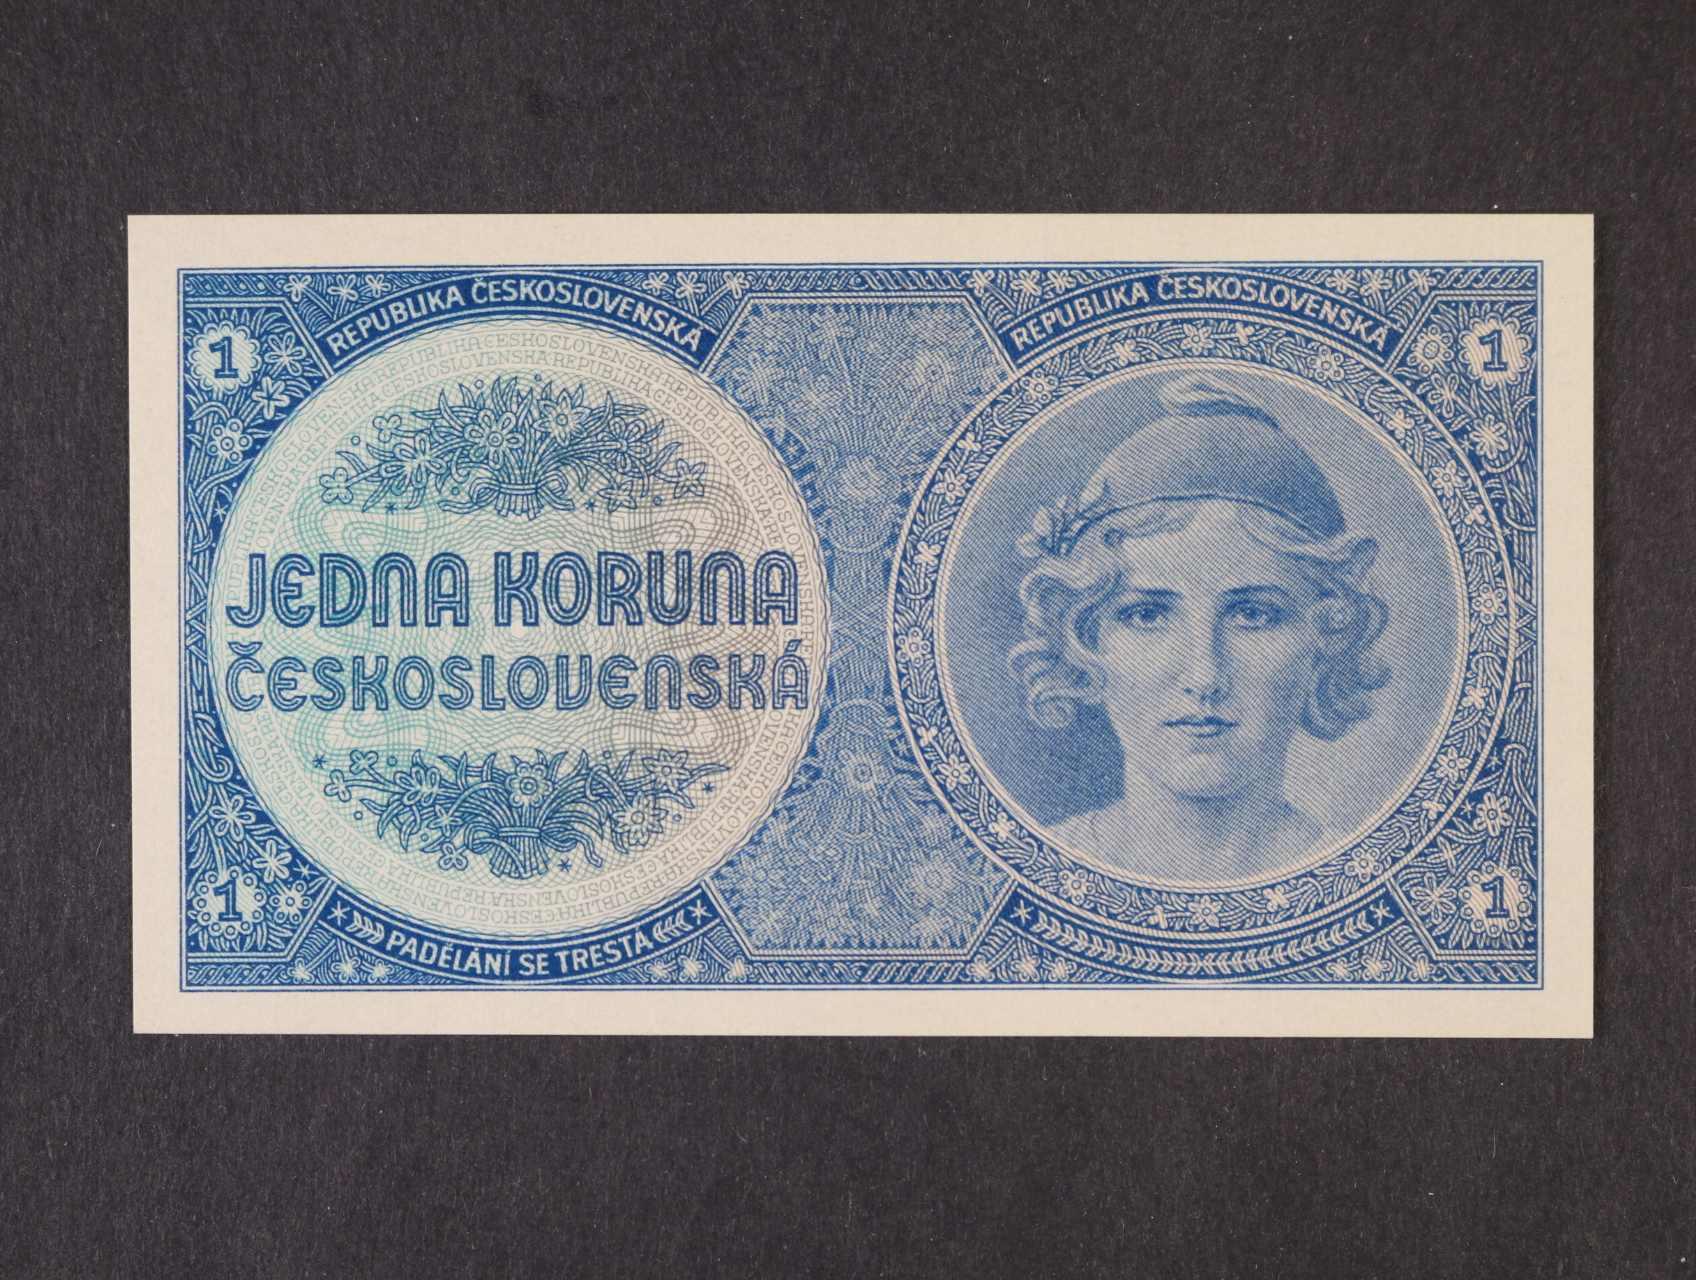 1 Kč 1938 série A 003 nevydaná, Ba. N1, Pi. 27